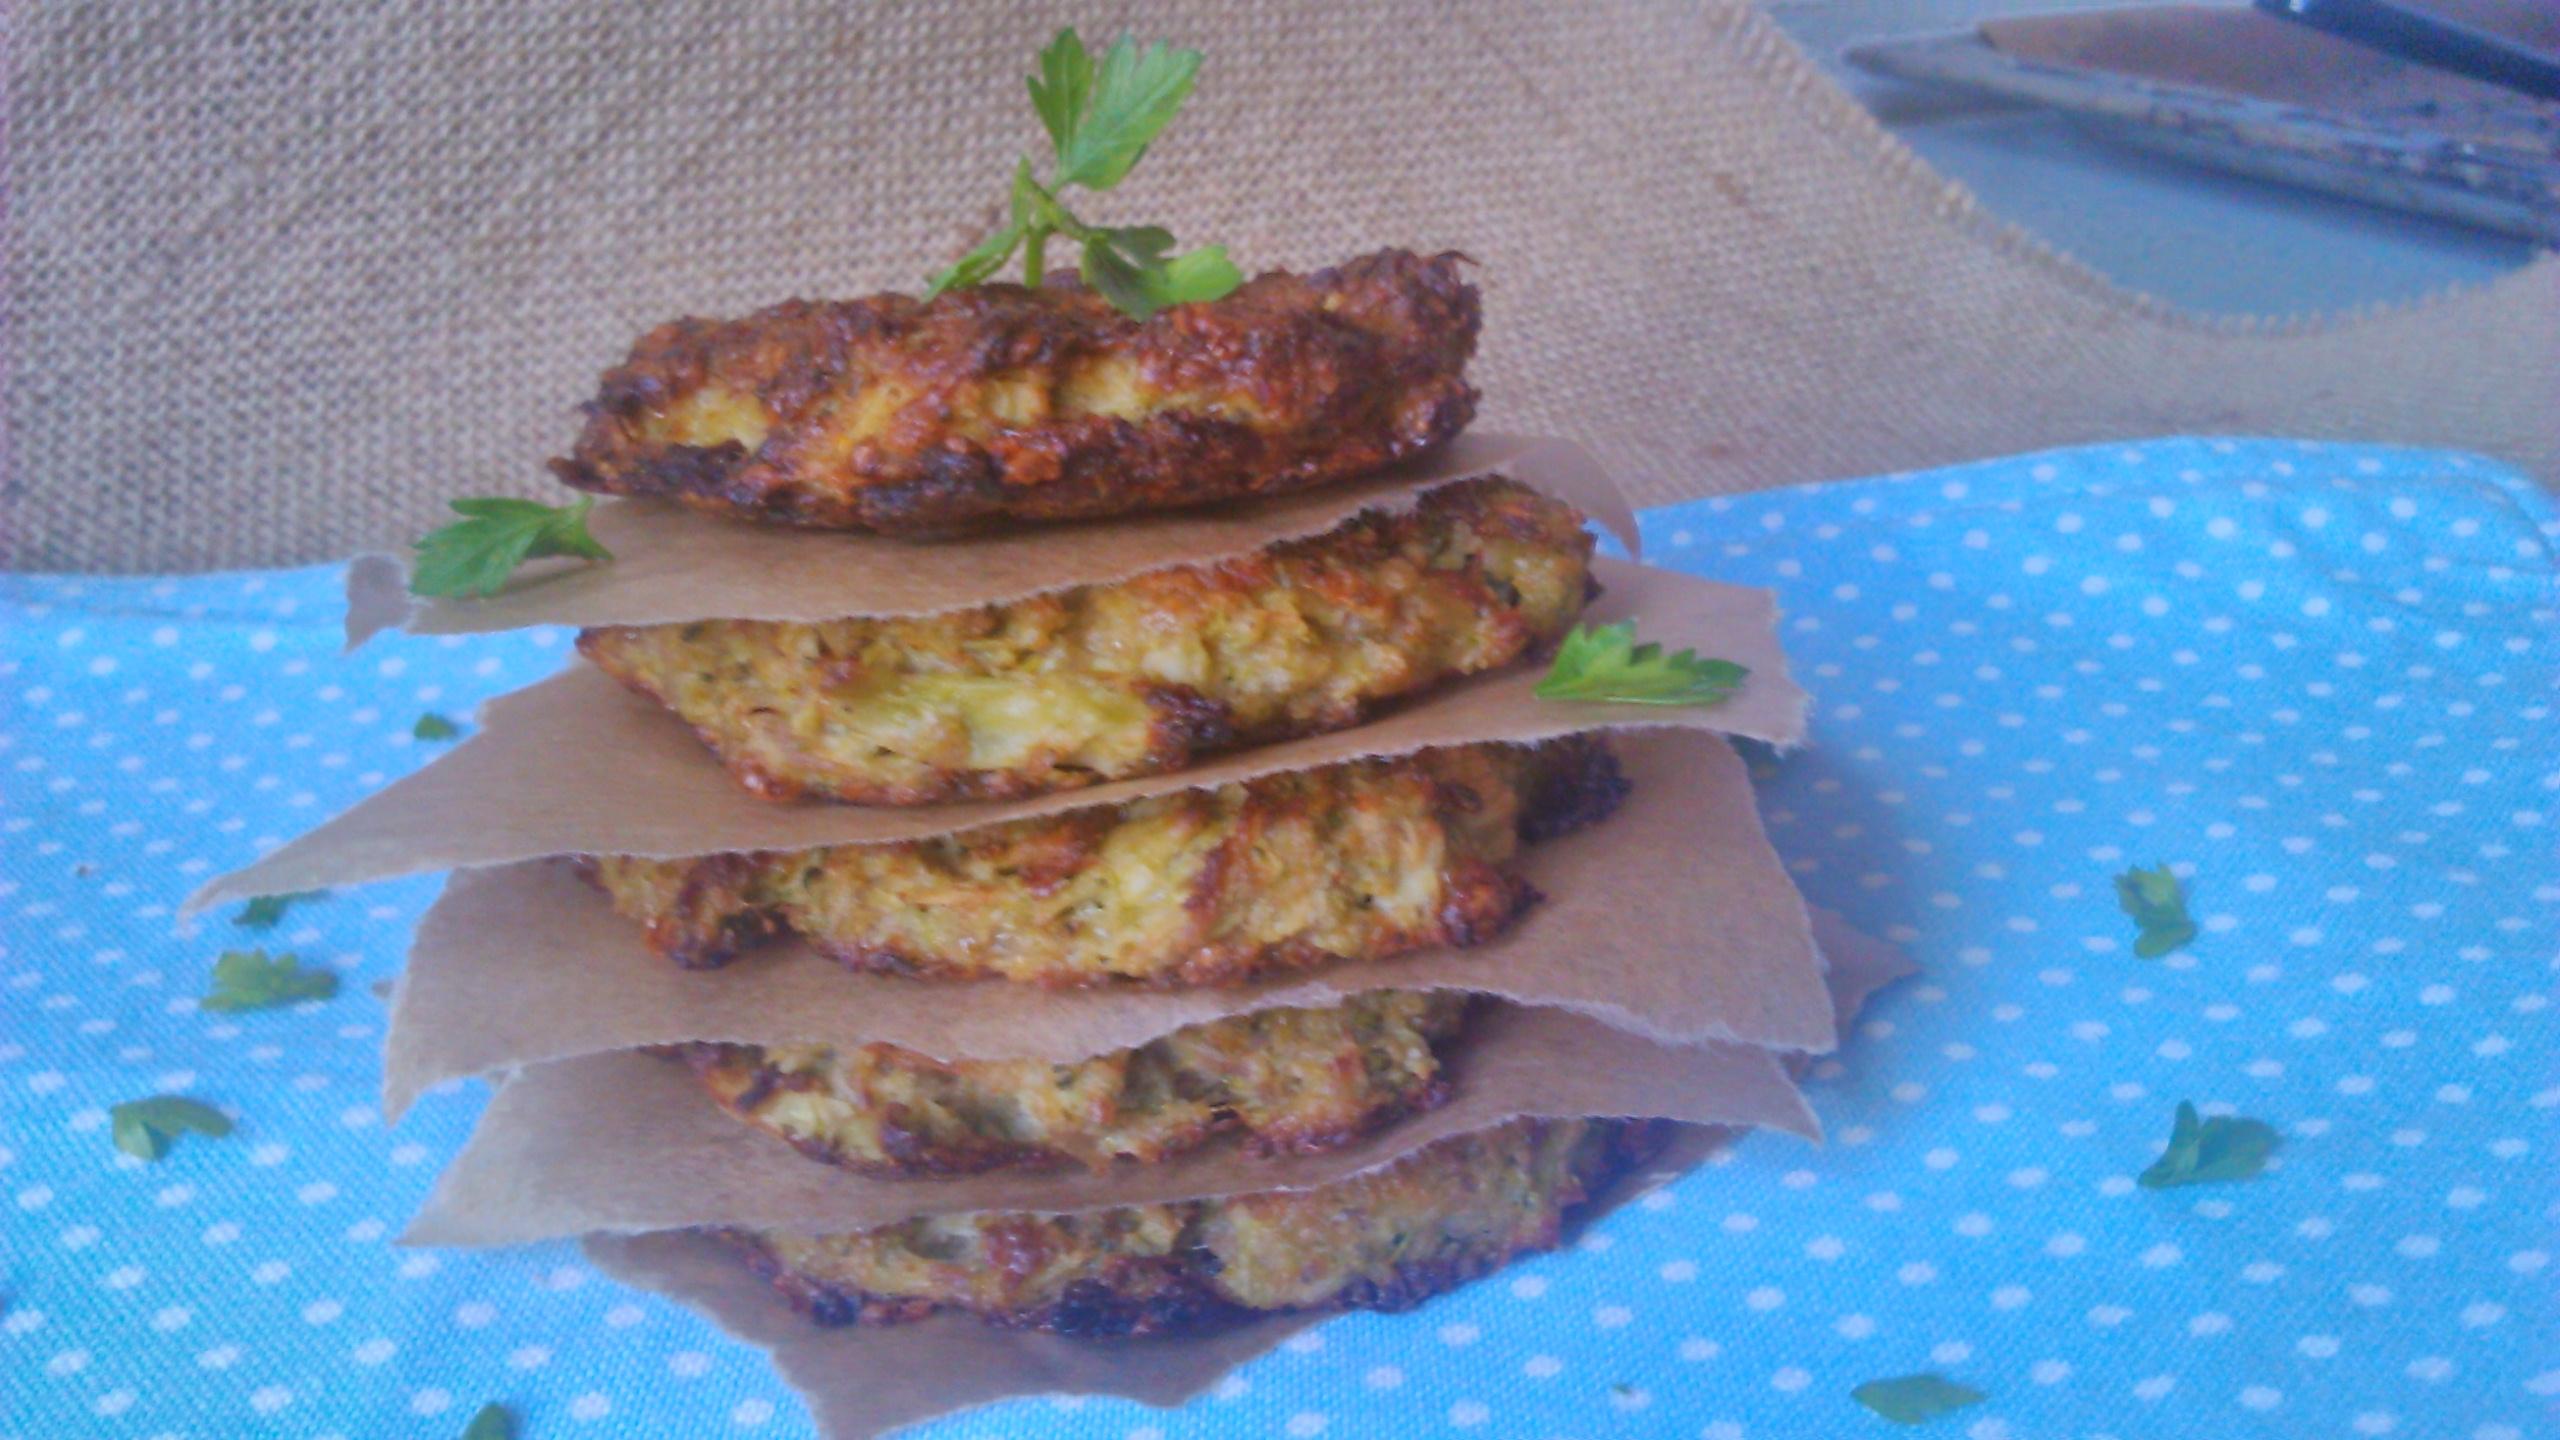 Tonhalfasírt sütőben sütve (brokkolis, diétás recept)